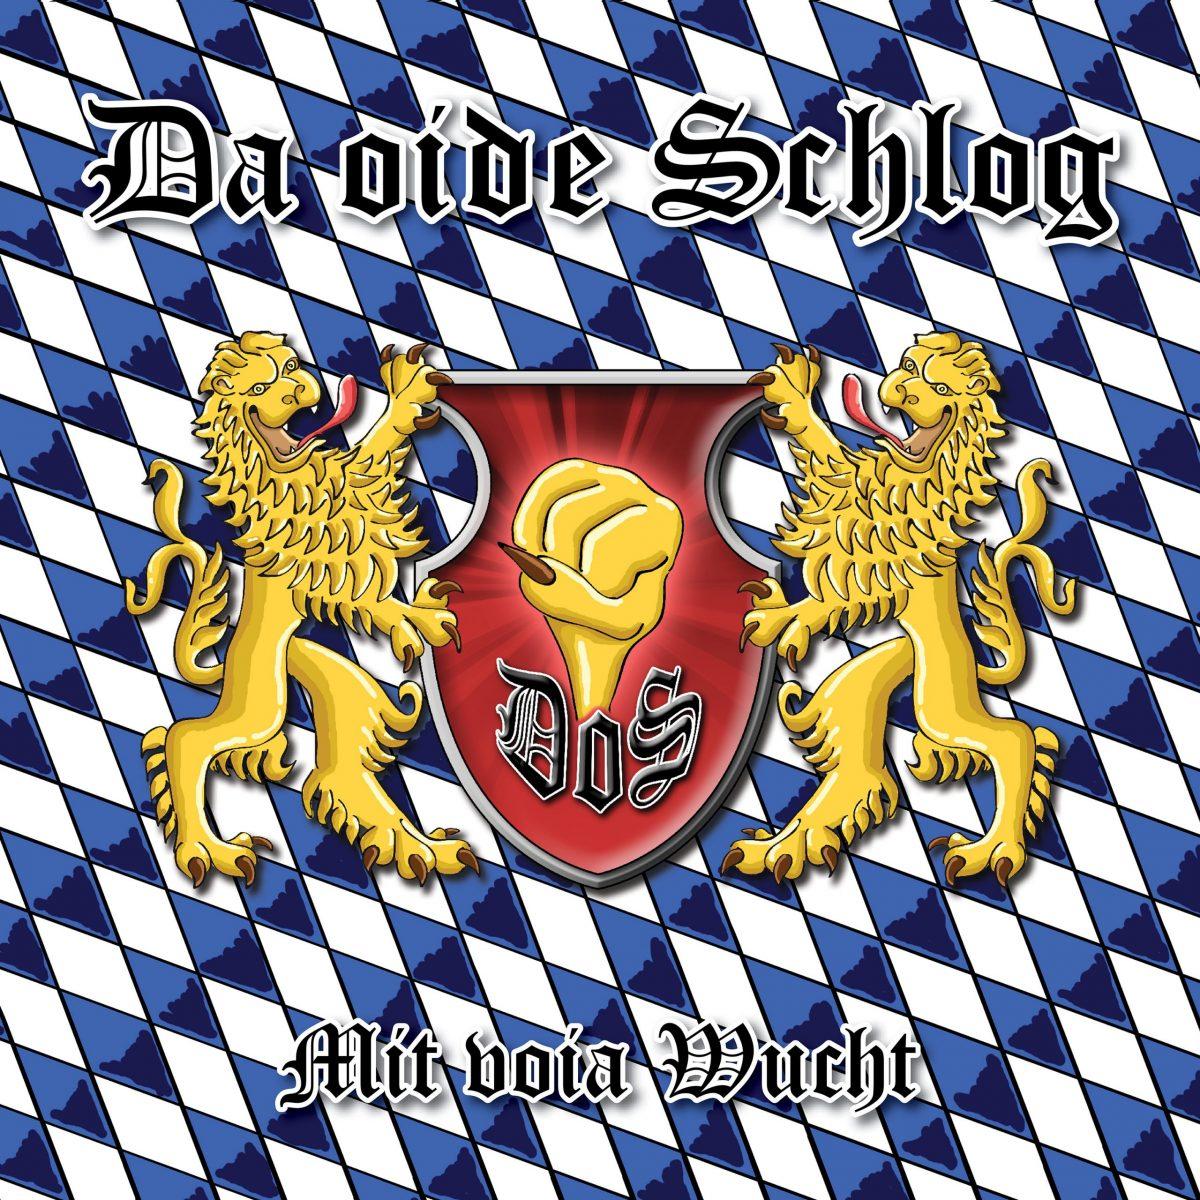 da-oide-schlog-mit-voia-wucht-ein-album-review